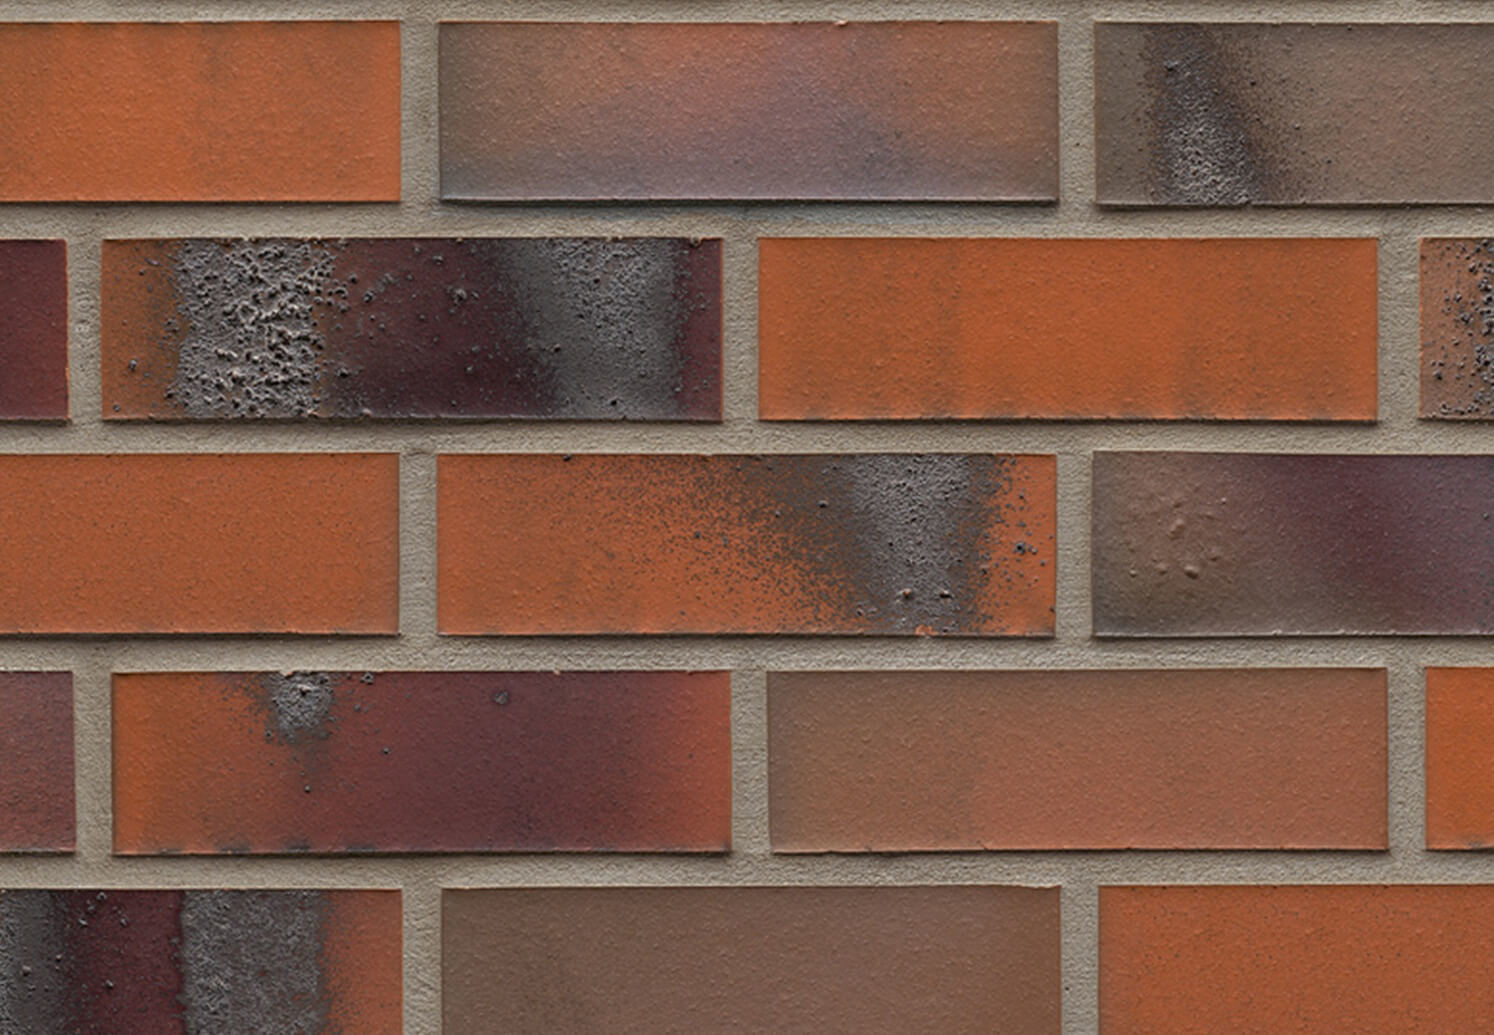 Облицовочная клинкерная плитка Feldhaus Klinker, Carbona, R562NF14, terreno bluastro, поверхность расплавленный обжиг